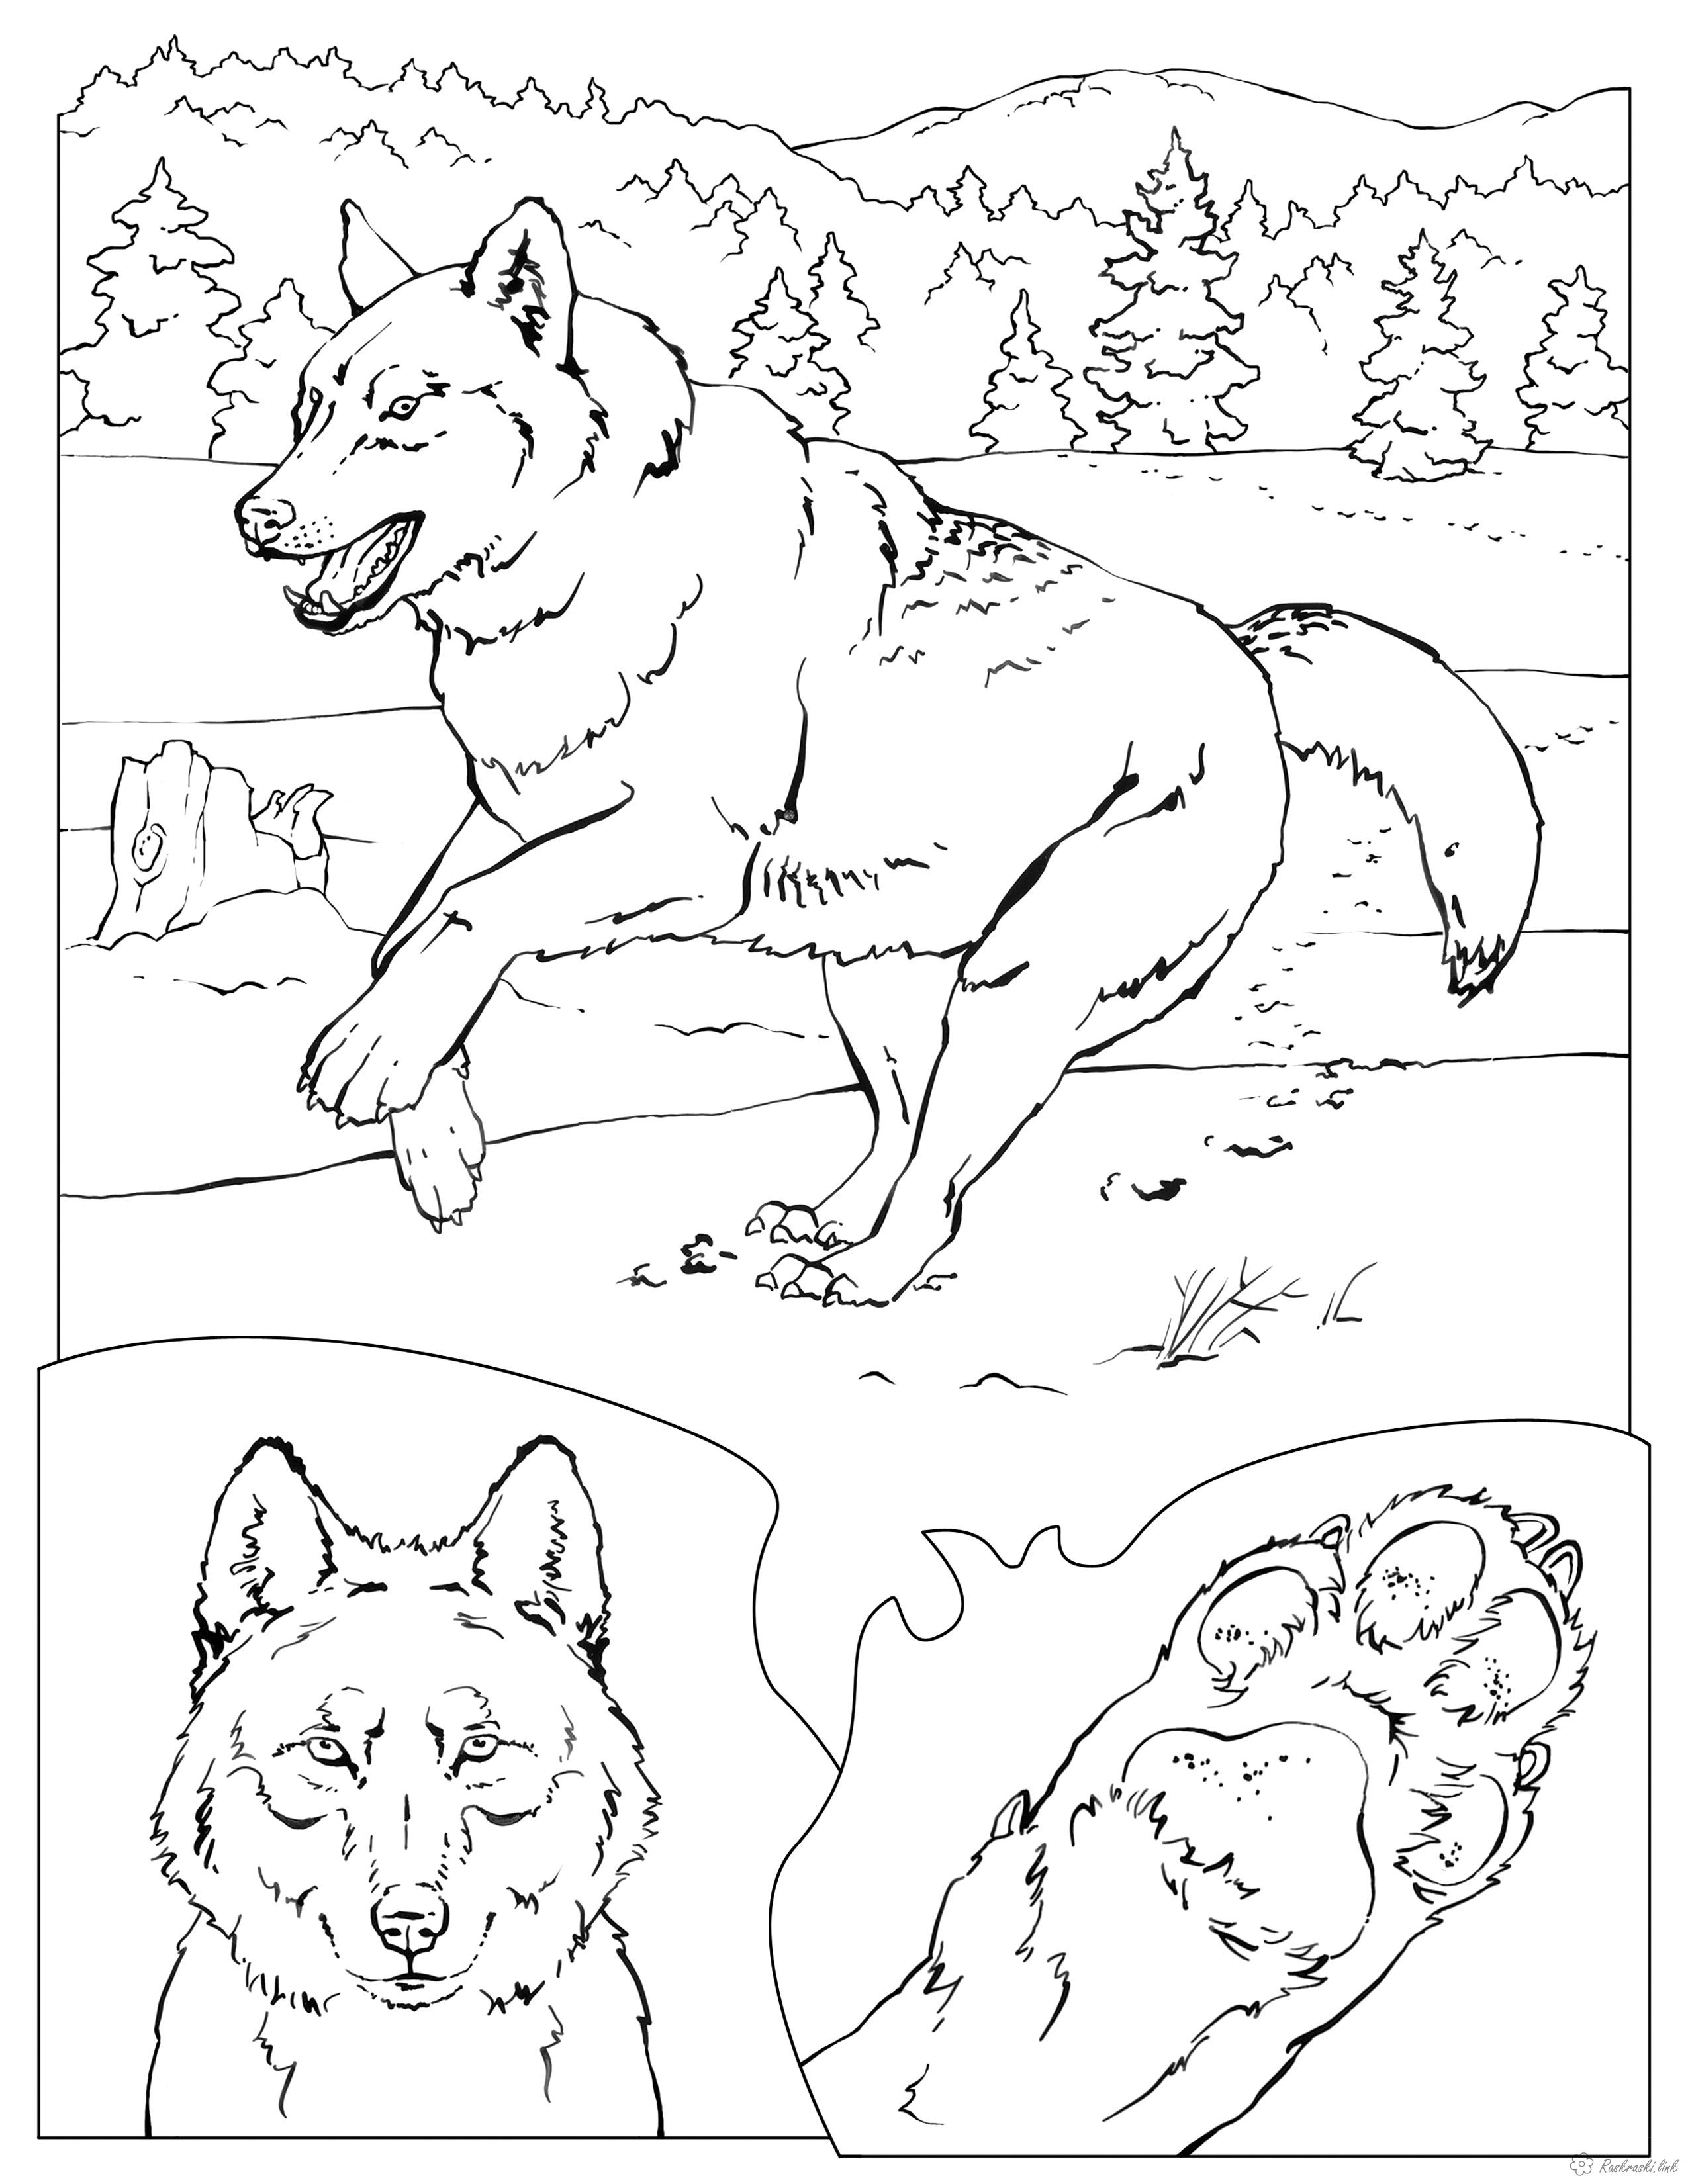 Розмальовки тлі Розмальовка тварини, природа, ліс, дикі тварини, розфарбування вовк, вовк біжить, голова вовка, лапа...